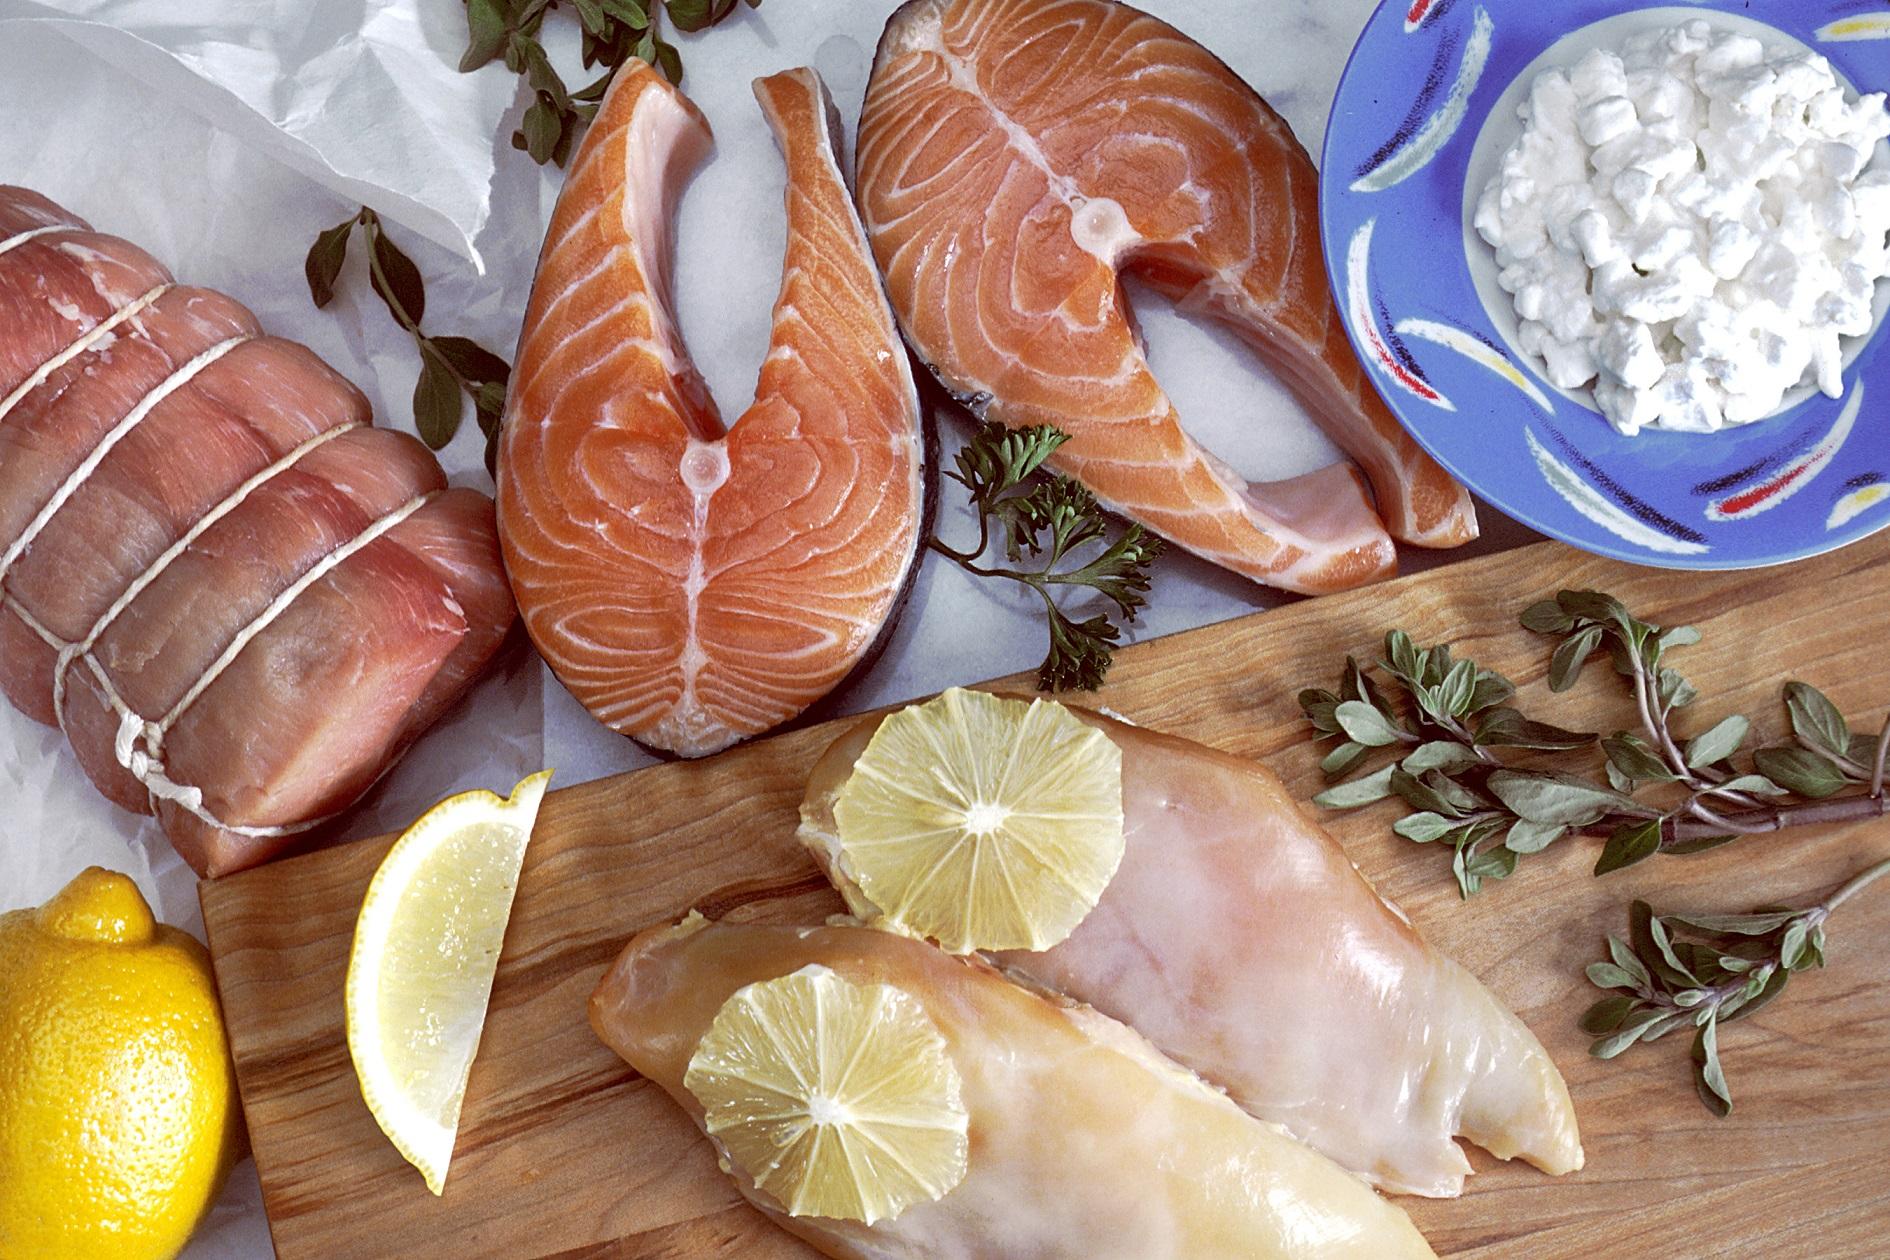 Bajar de peso y dormir mejor, comiendo proteínas